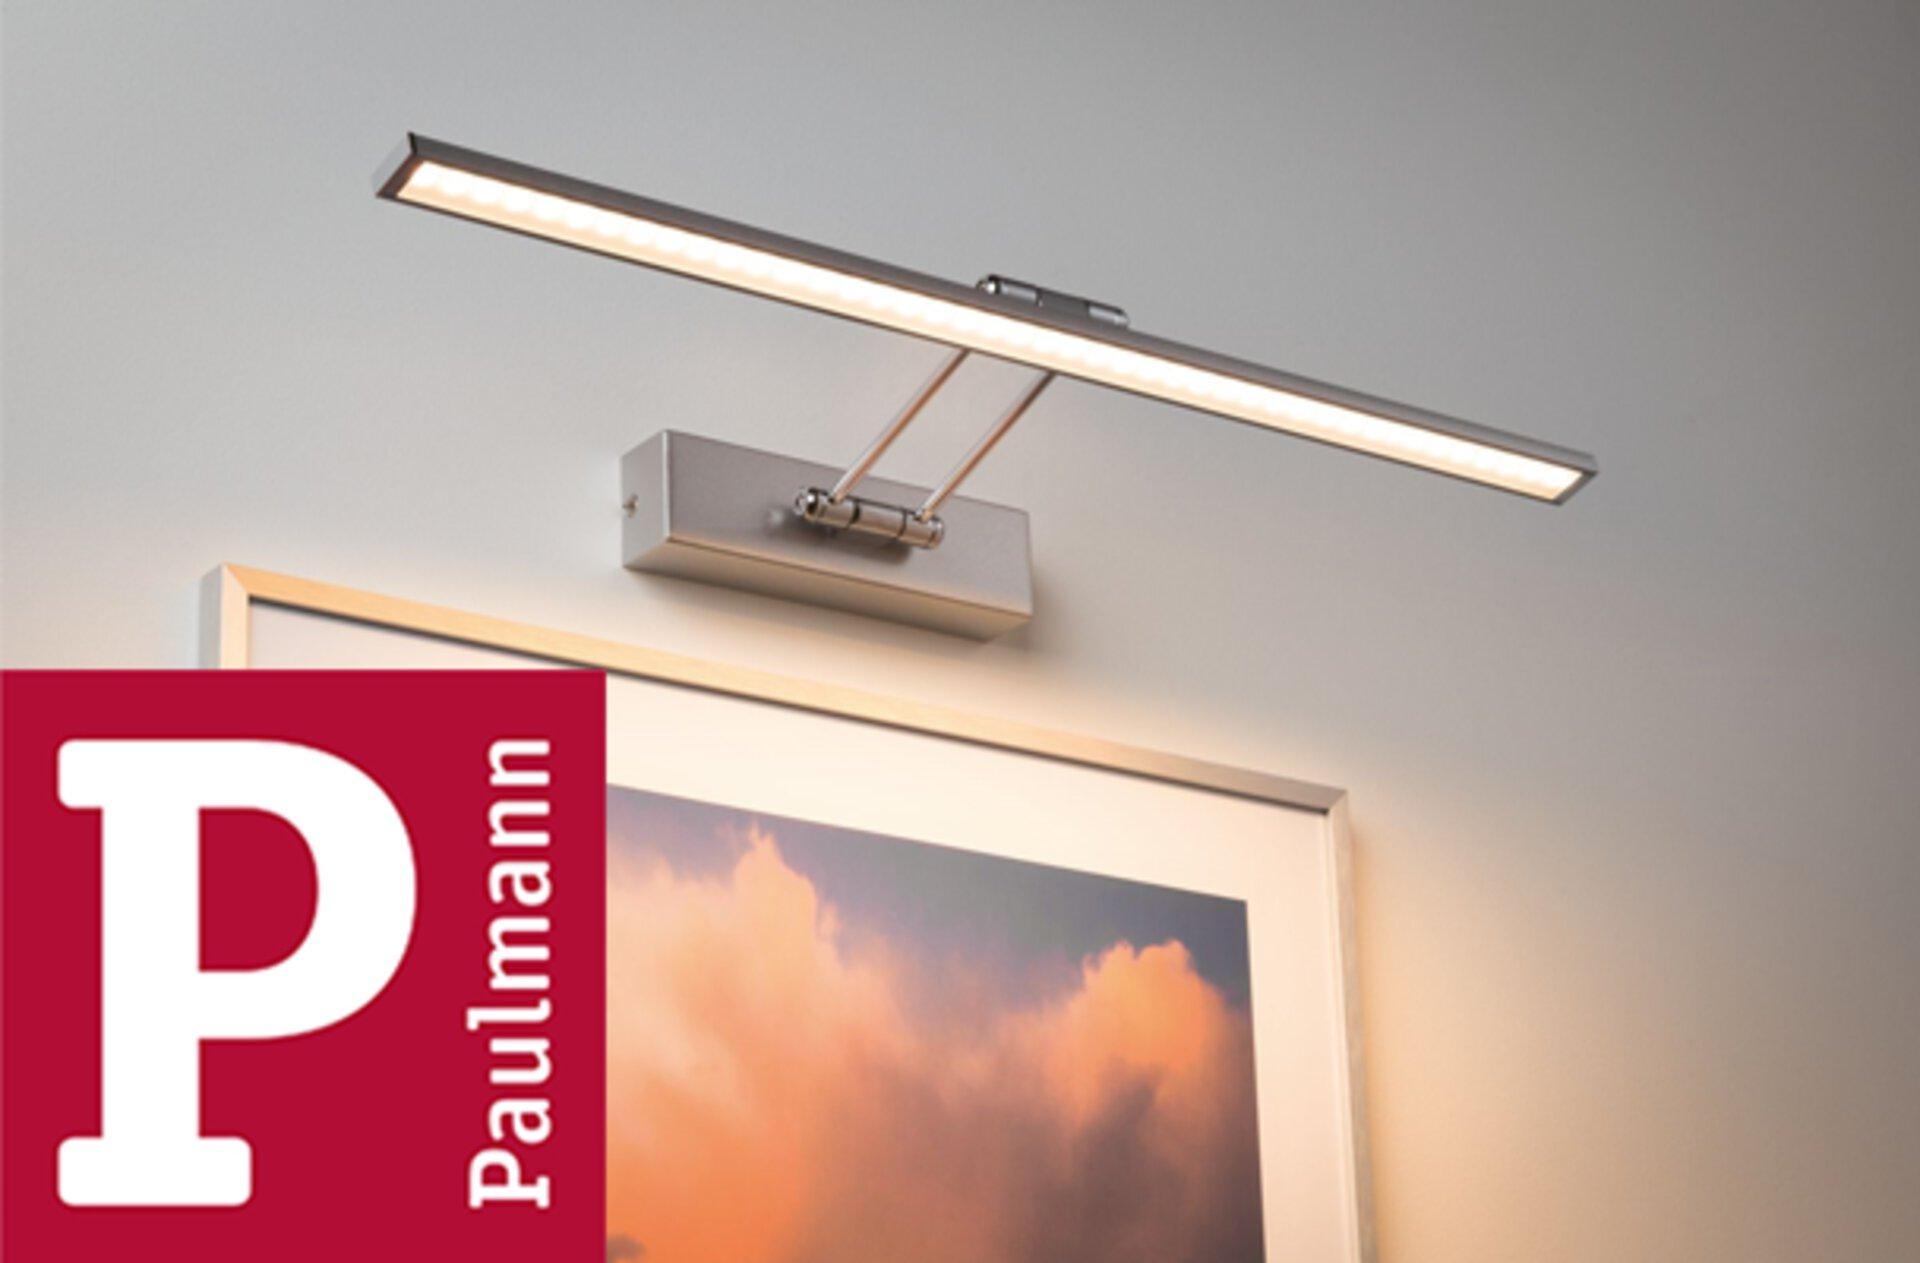 Paulmann, Möbel Inhofer, Lampe, Leuchte, Zimmerbeleuchtung, Wohnen, Licht